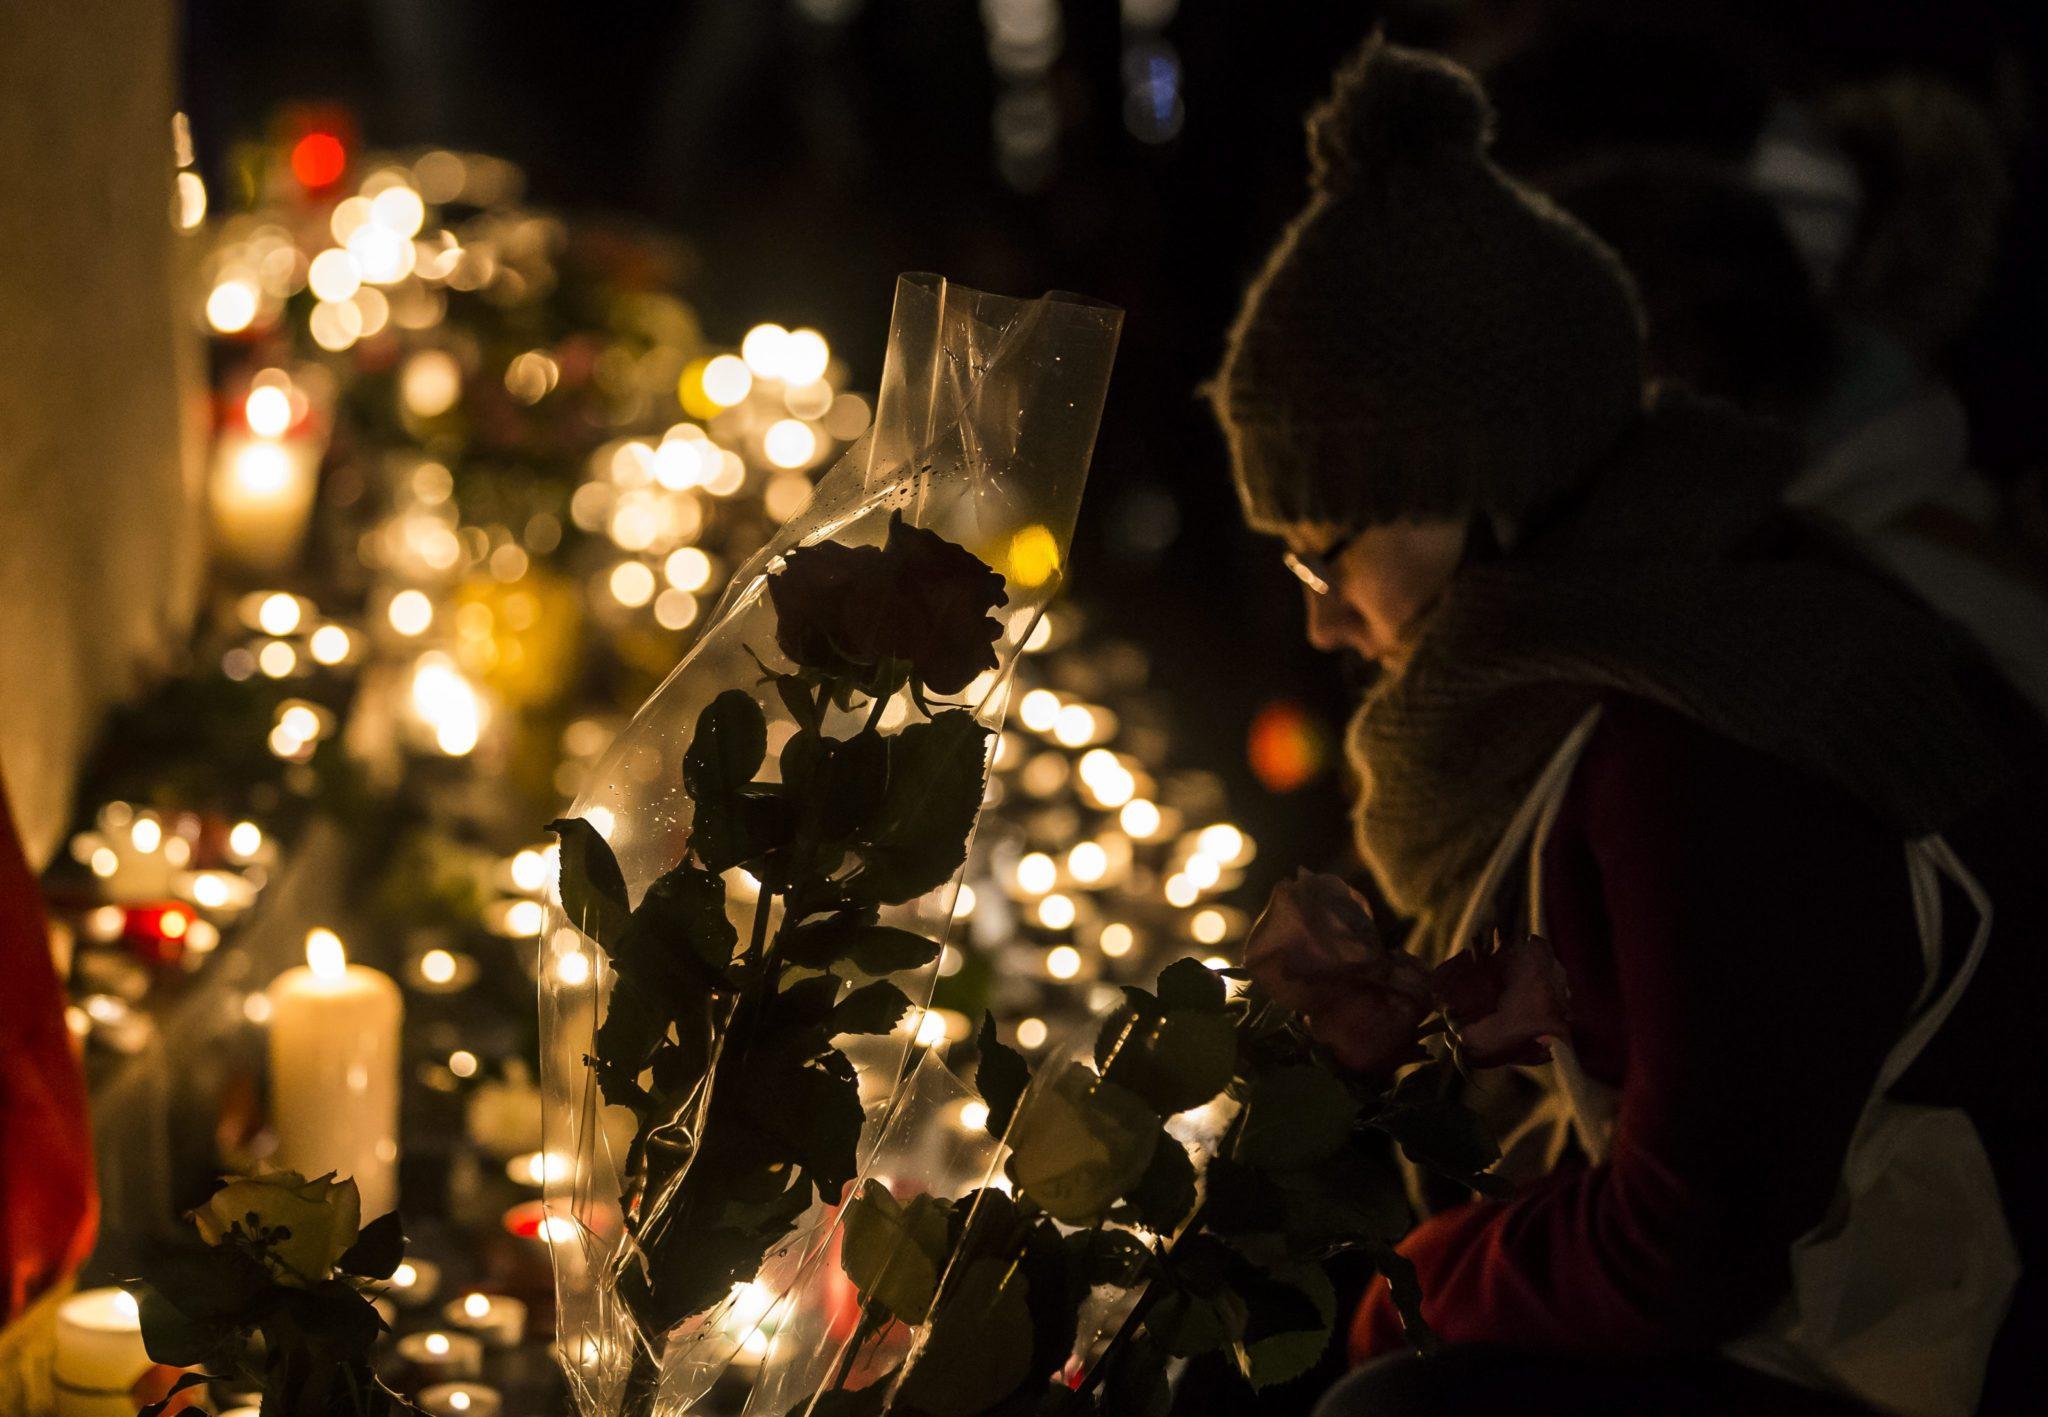 Kobieta upamiętnia ofiary zamachów w Paryżu w pierwszą rocznicę tragedii, Place de la Republique, Paryż, Francja